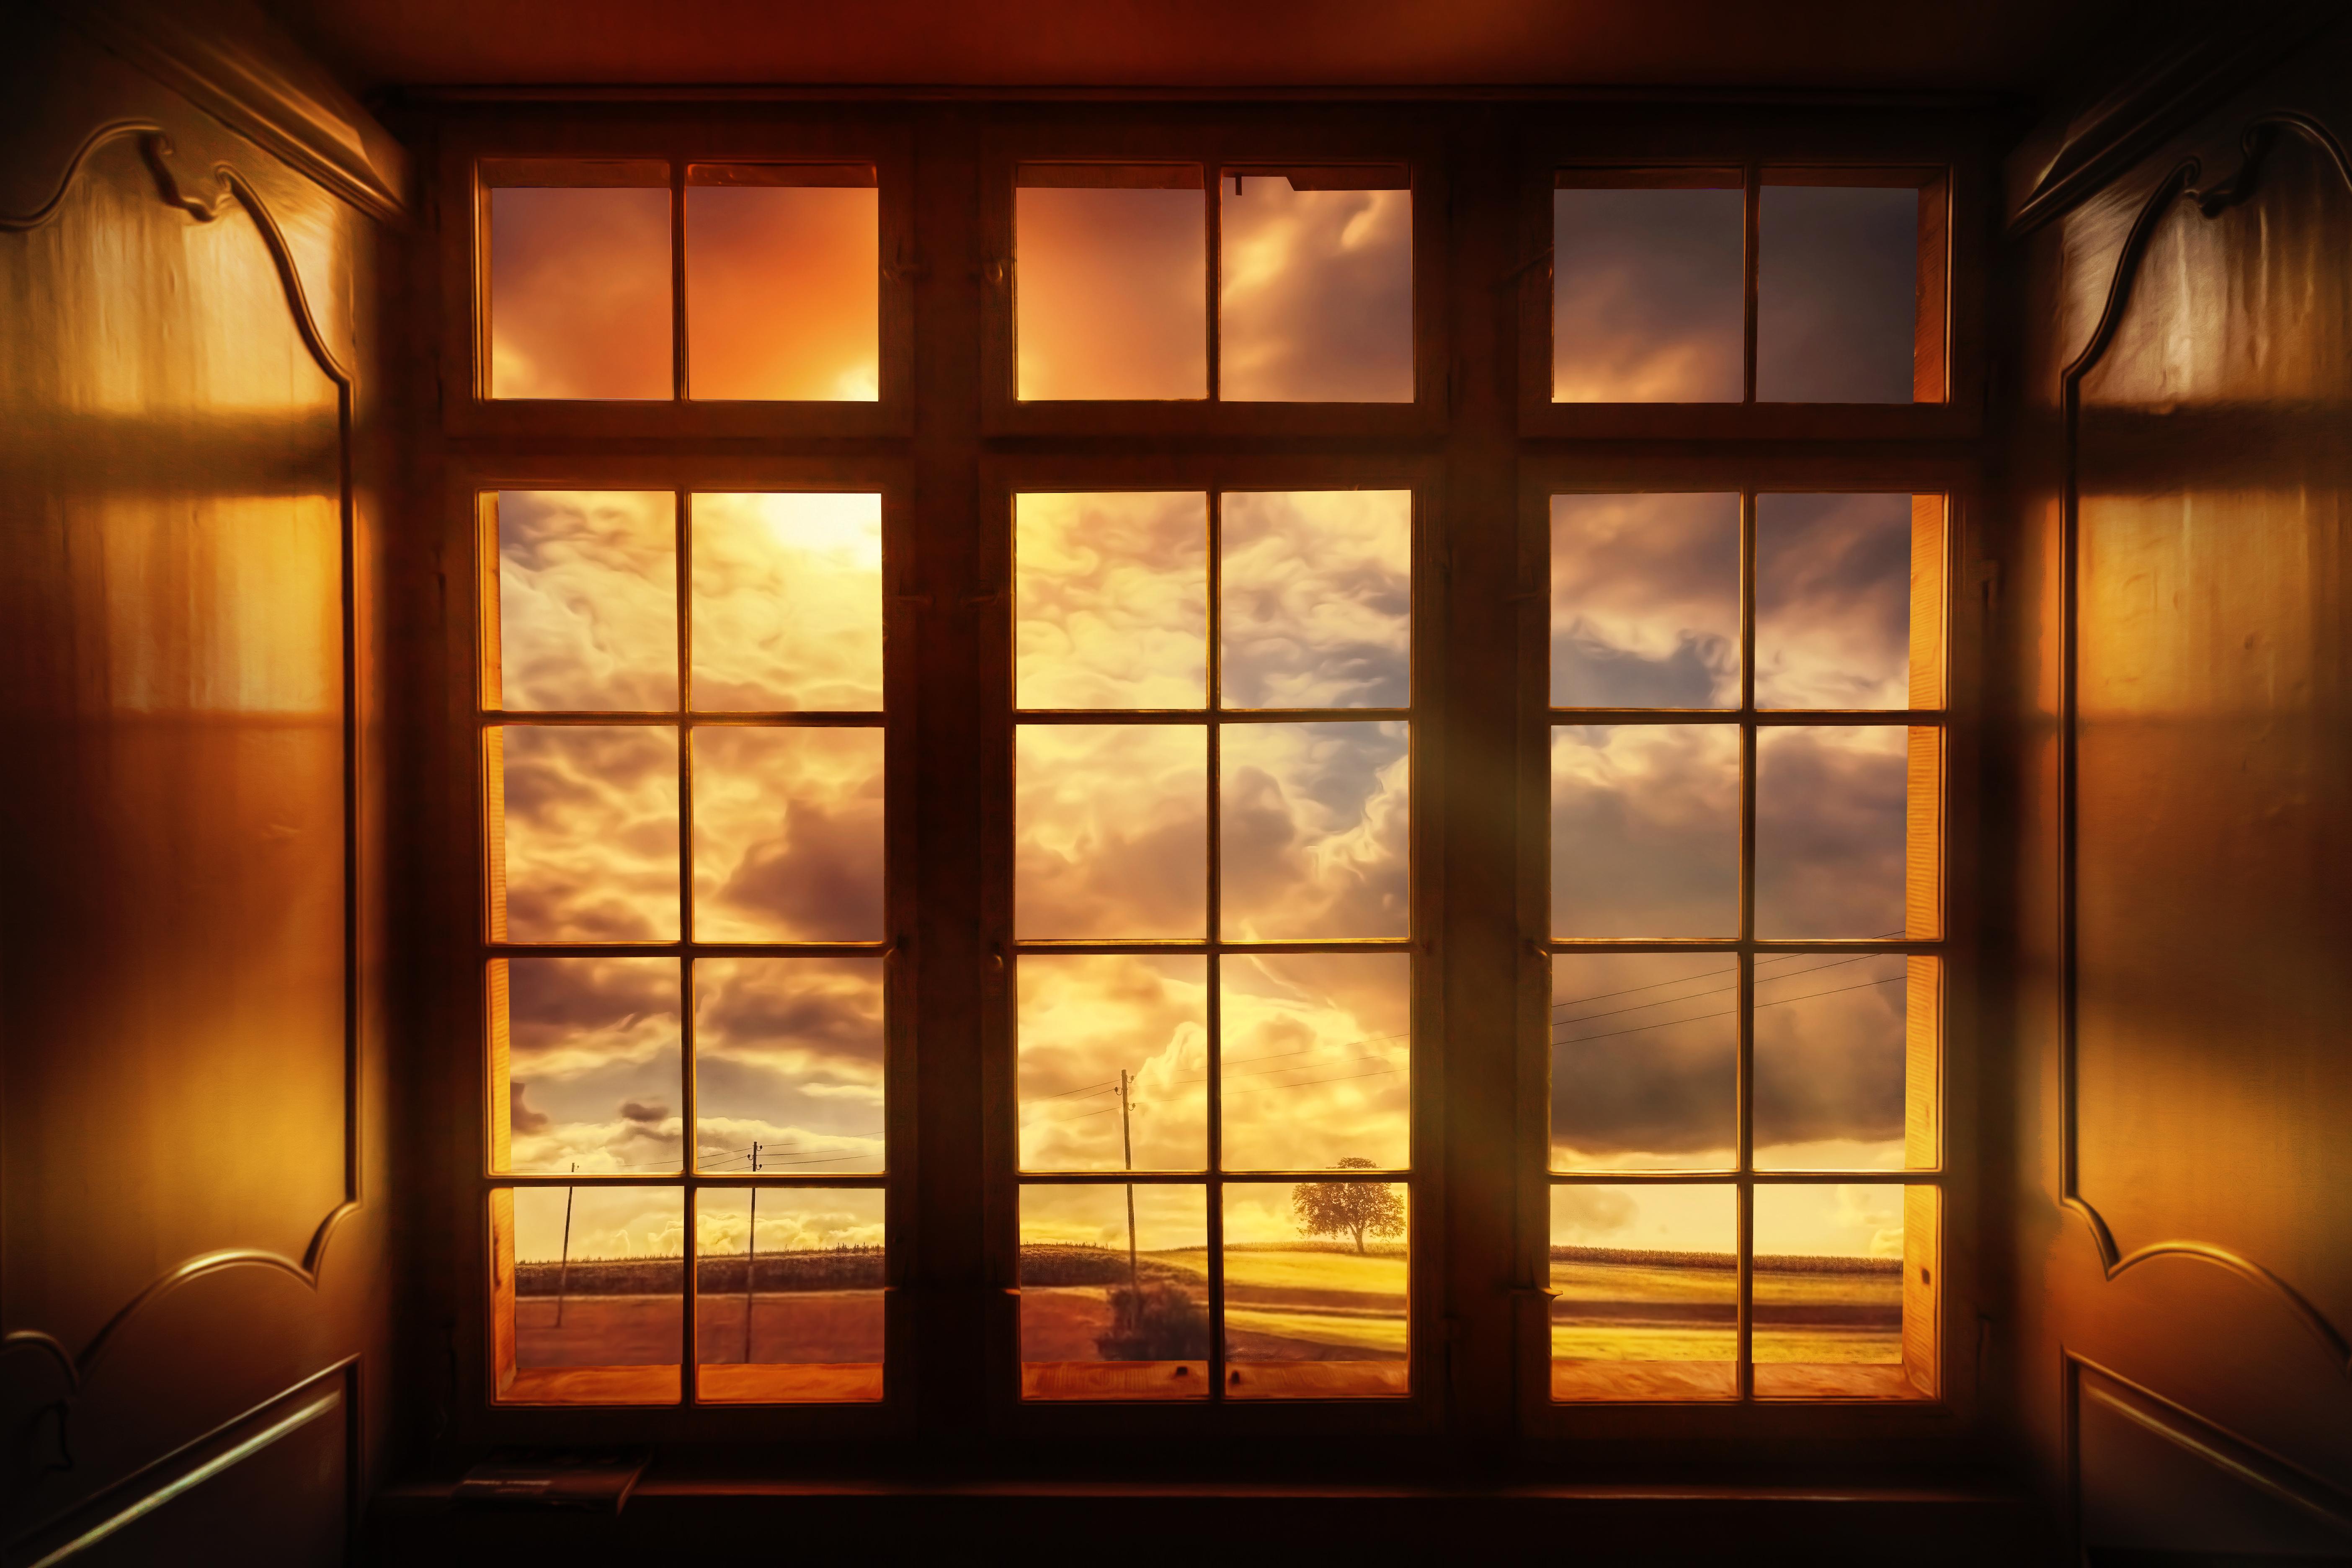 картинка фон окна тебе здоровья, чтобы